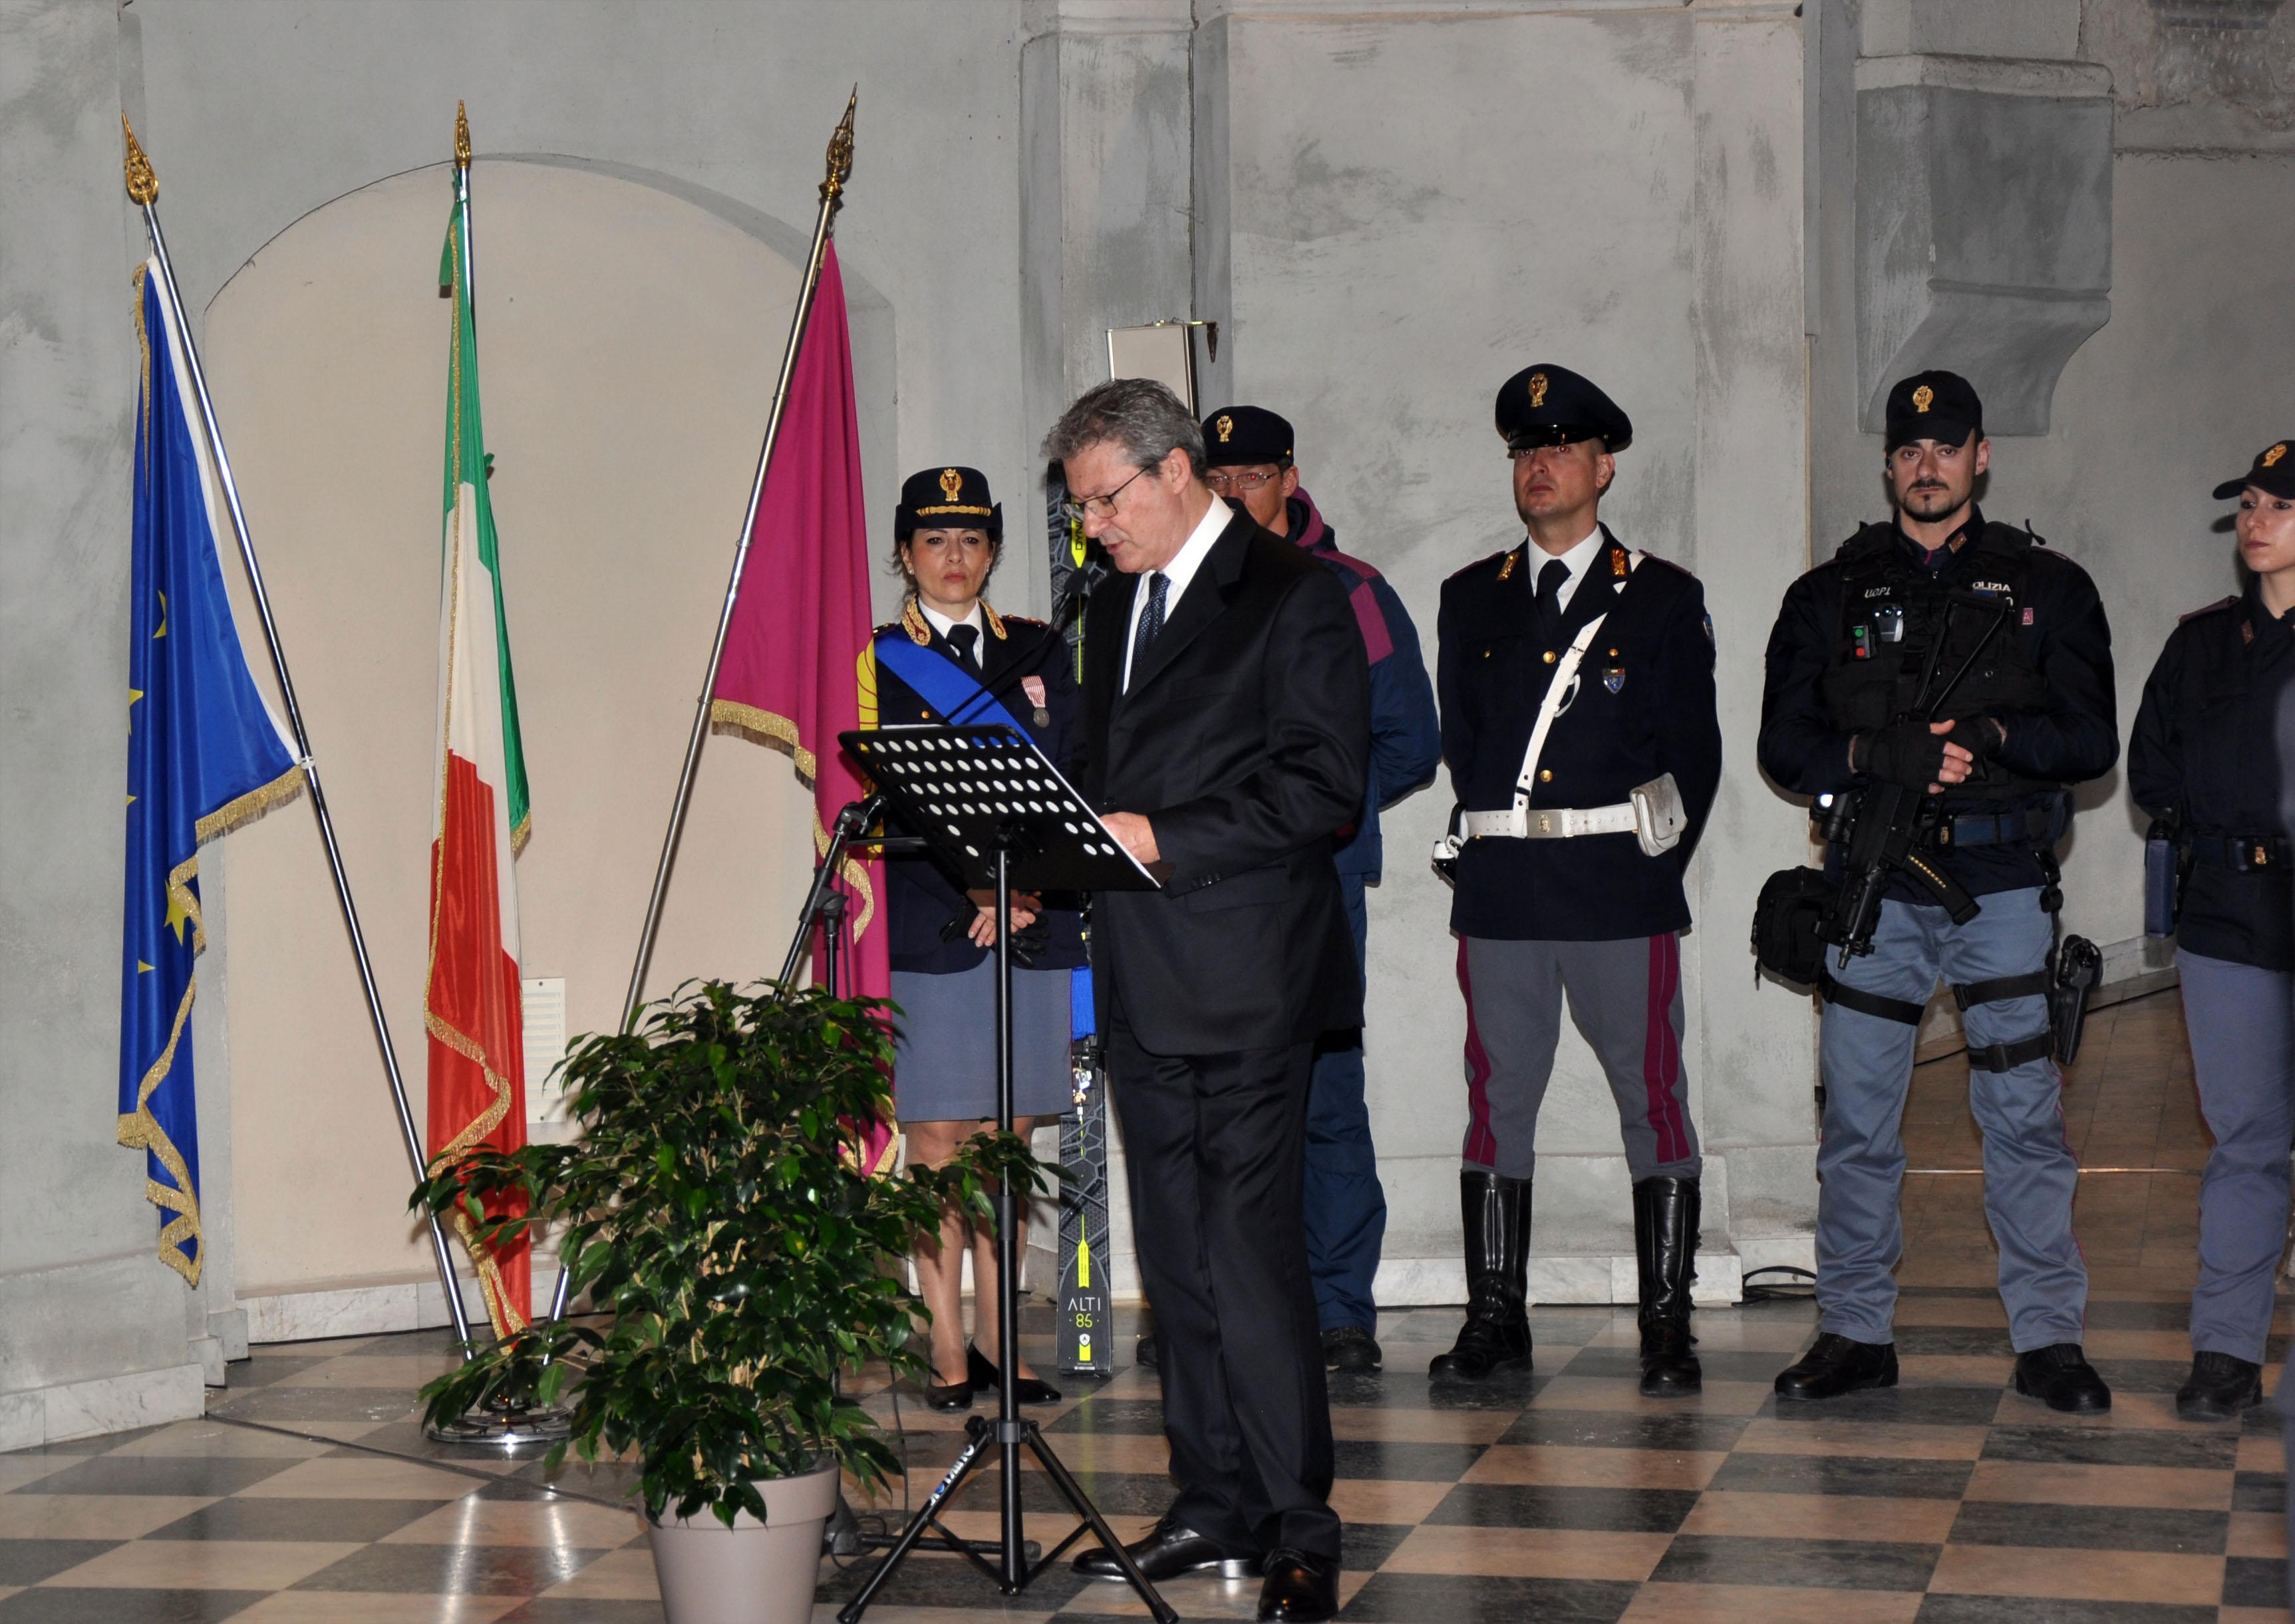 Polizia di Stato - Questure sul web - Cuneo